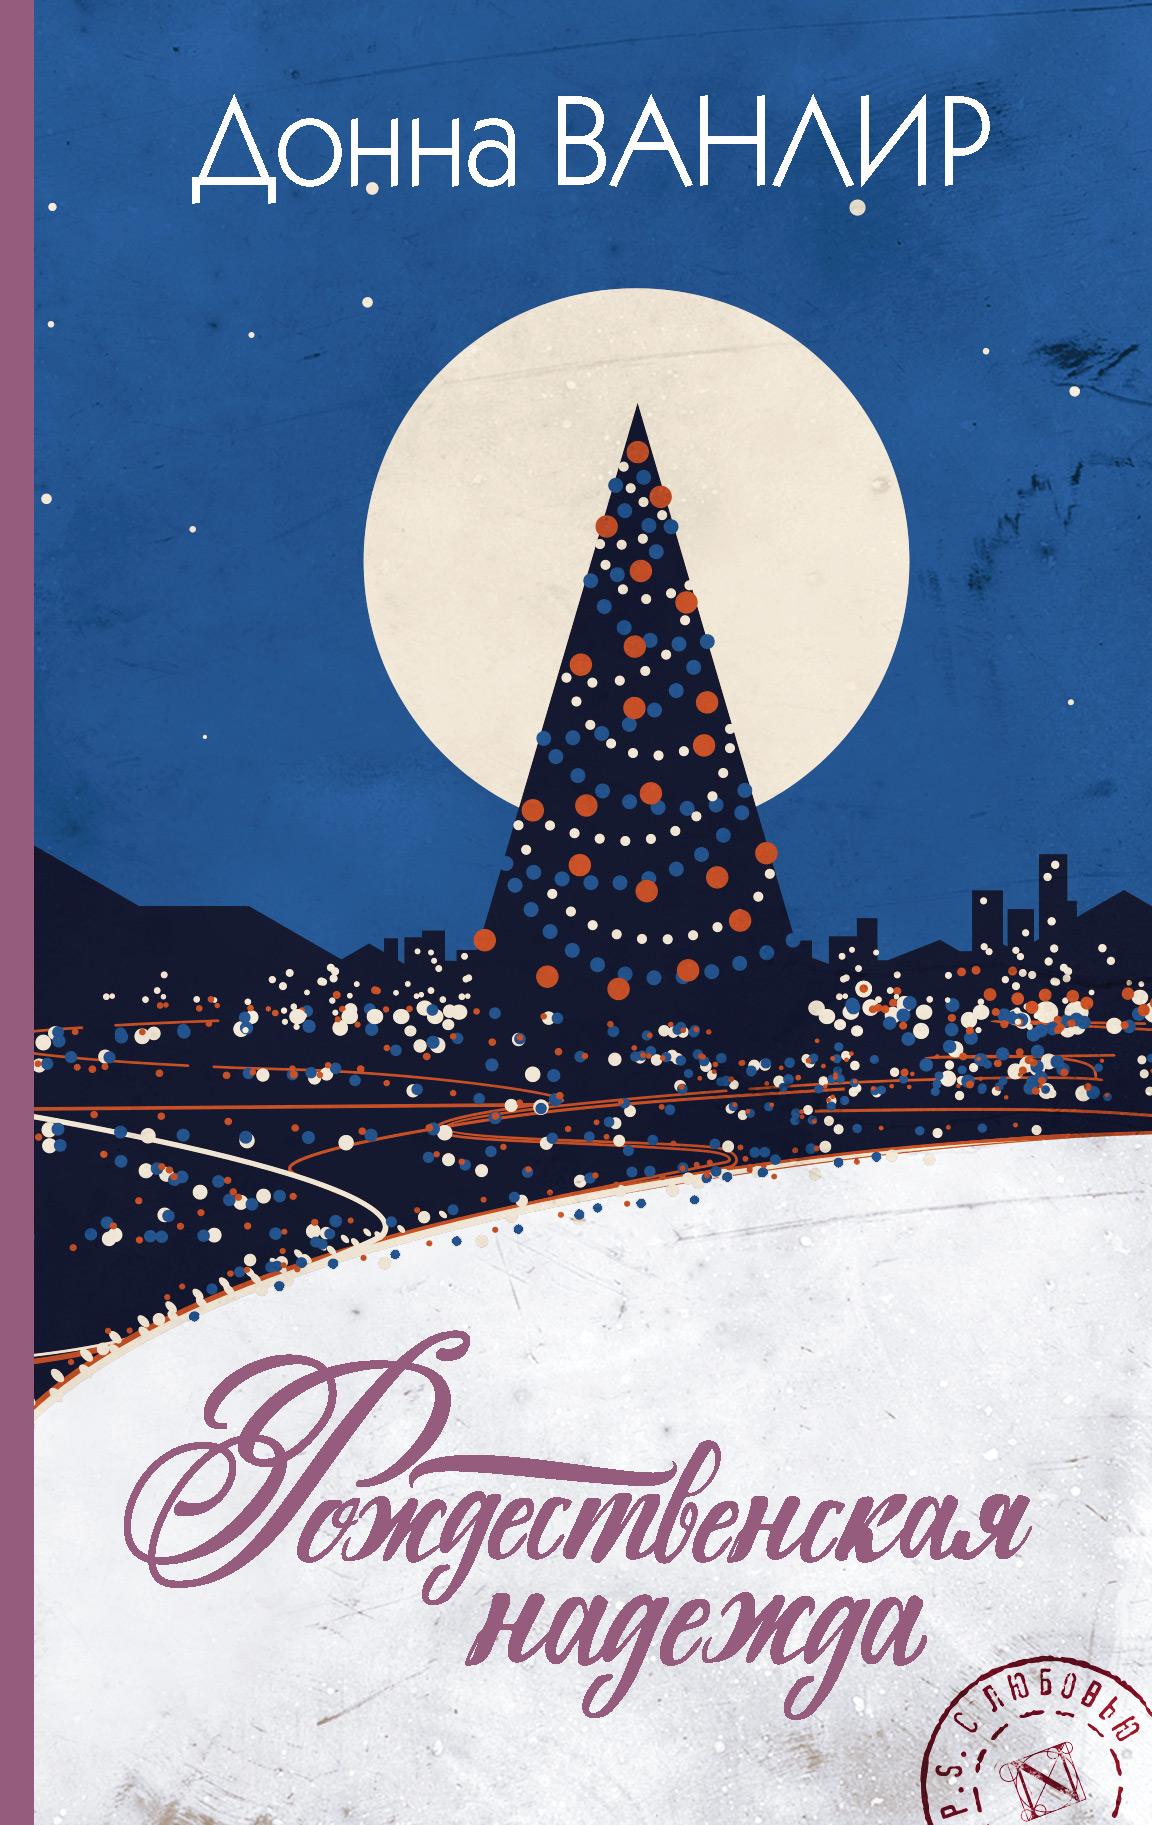 Донна Ванлир, Рождественская надежда / Сборник – скачать fb2, epub, pdf на  ЛитРес